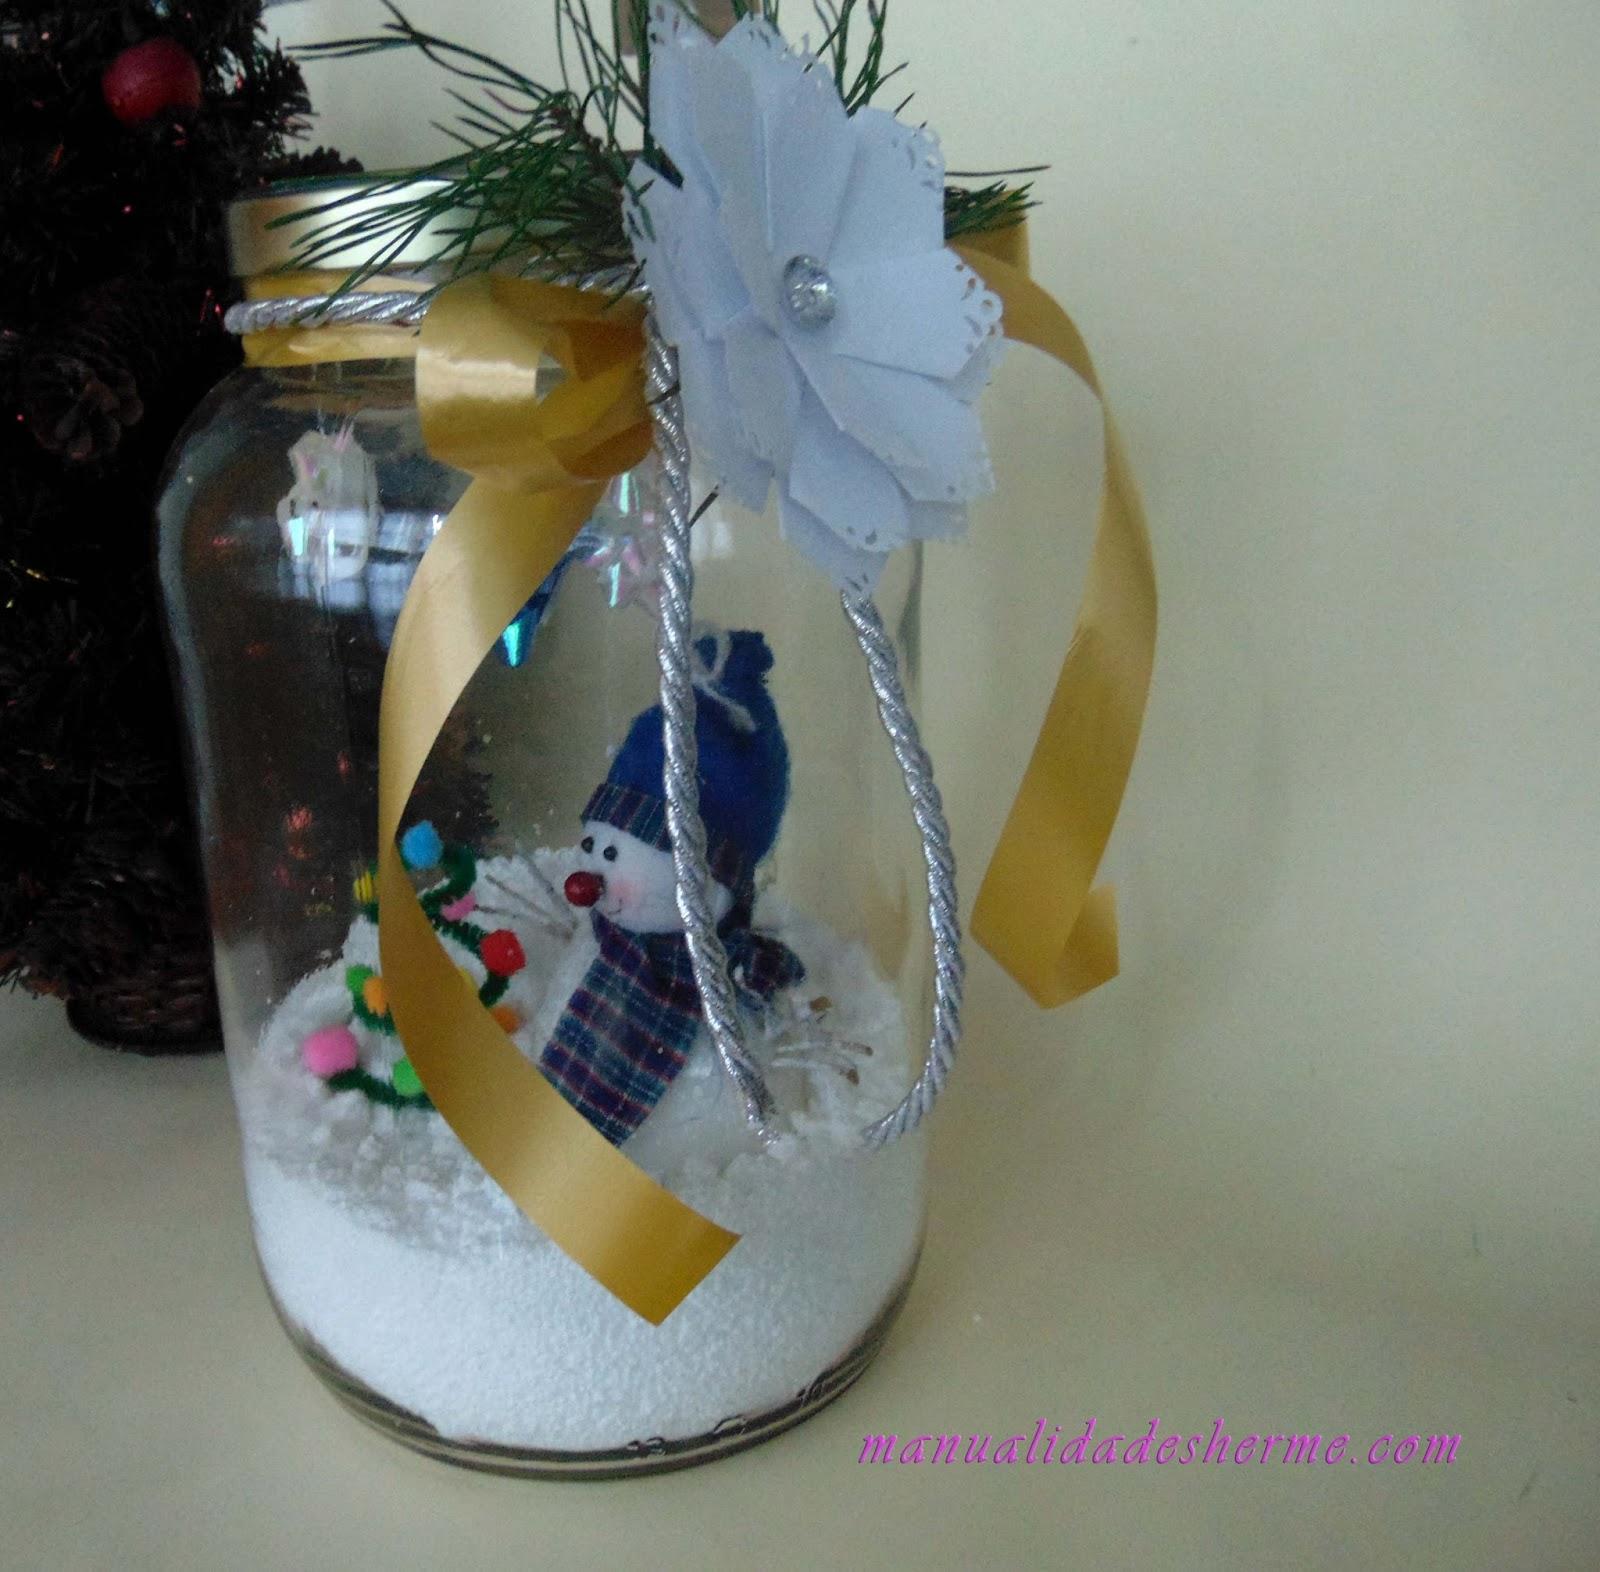 Regalo de navidad la cola hermosa de mi reina - 5 2